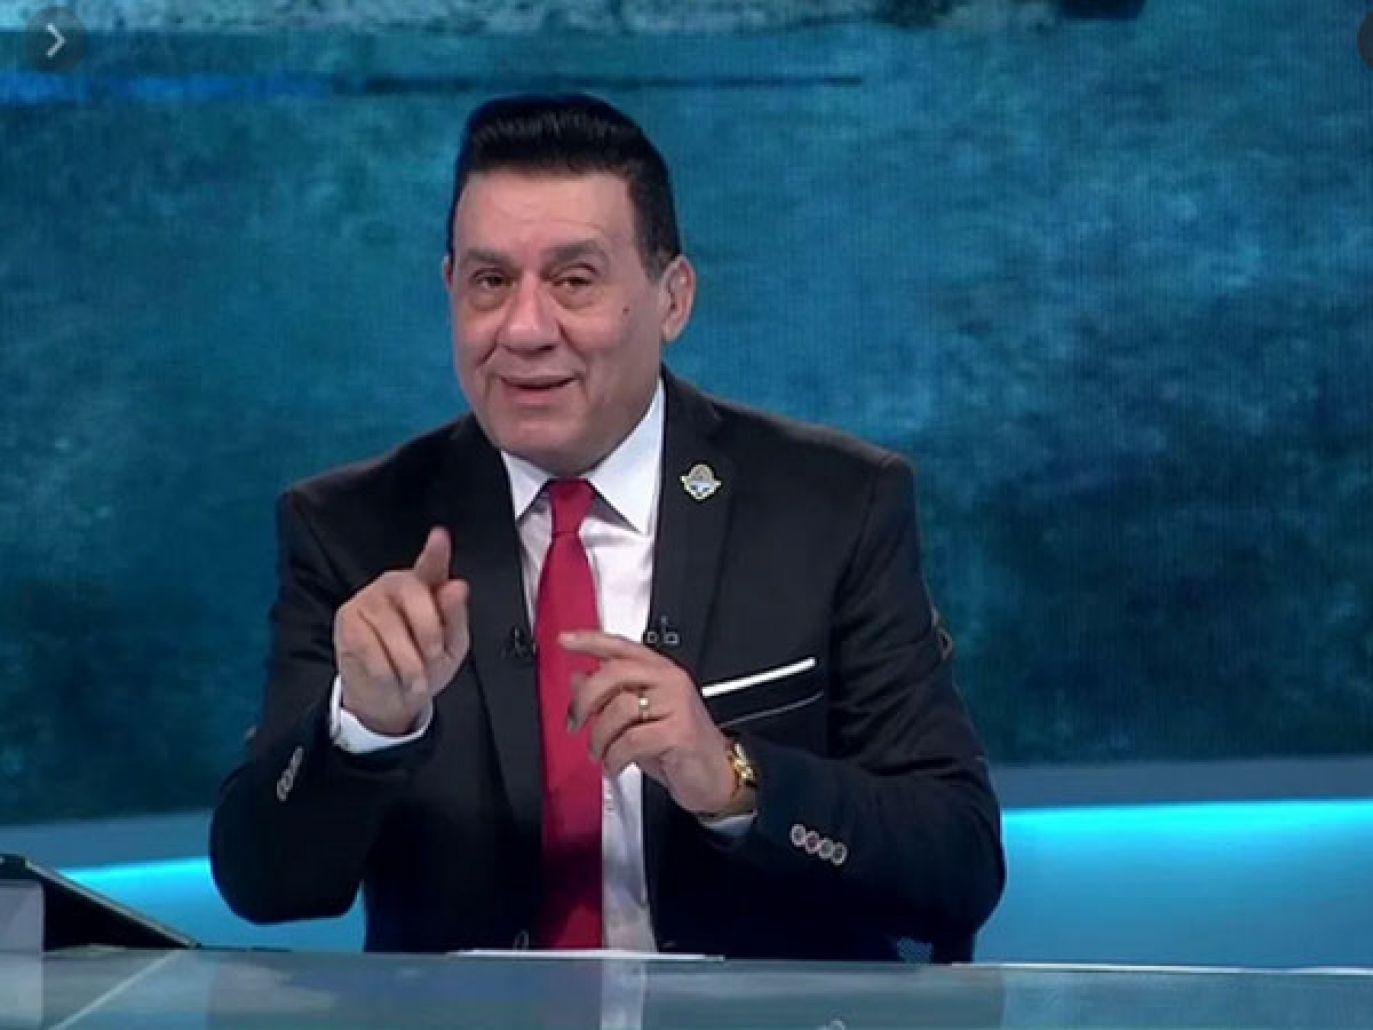 مدحت شلبي يعتذر لجماهير الأهلي بعد تصريحاته المثيرة للجدل!